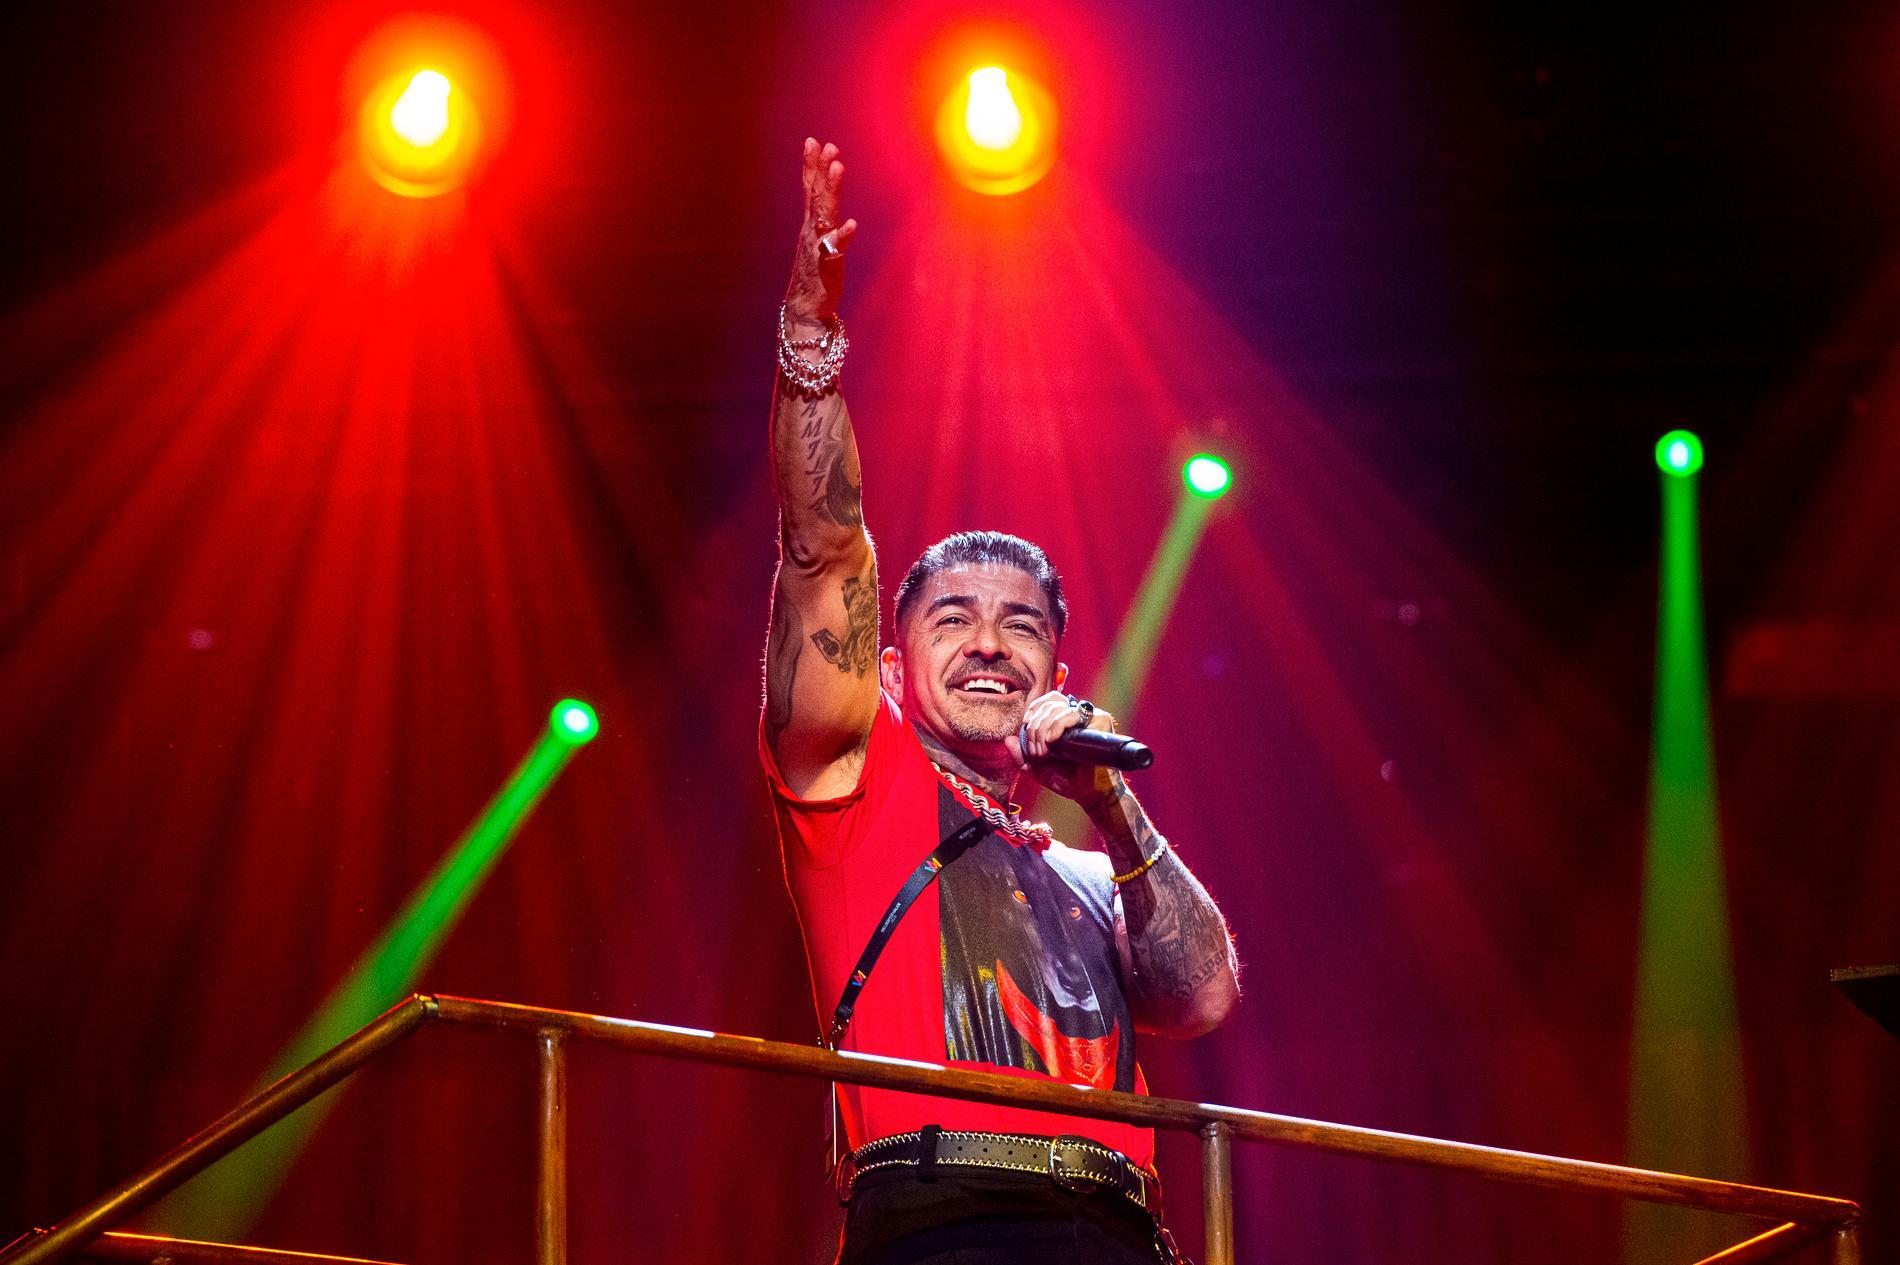 Tröjan som SVT stoppat. Mendez får inte längre ha den röda t-shirten med den svarta hunden i Melodifestivalen.